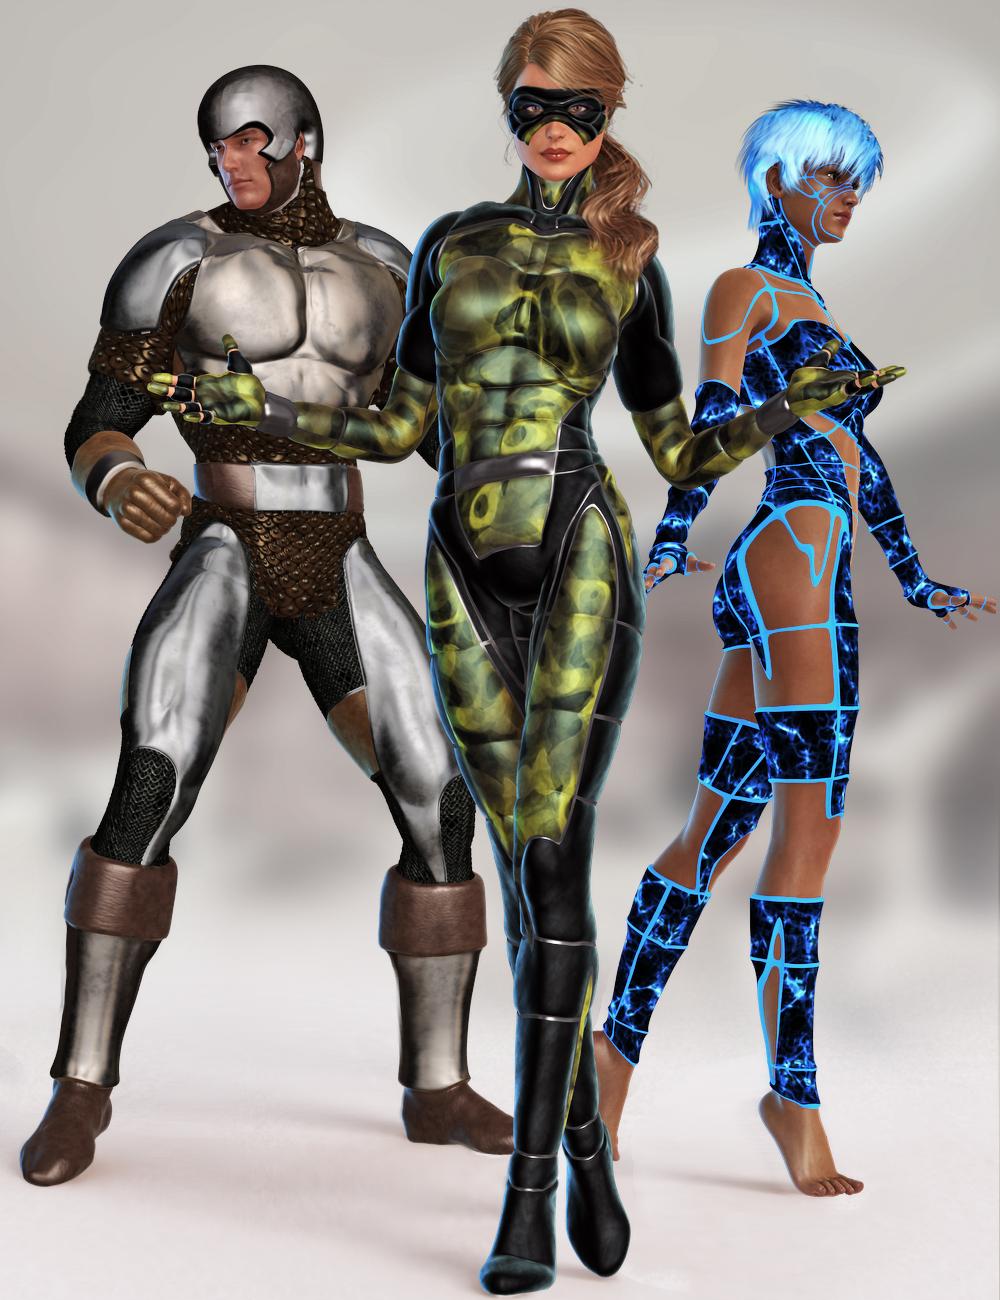 Genesis Supersuit by: , 3D Models by Daz 3D